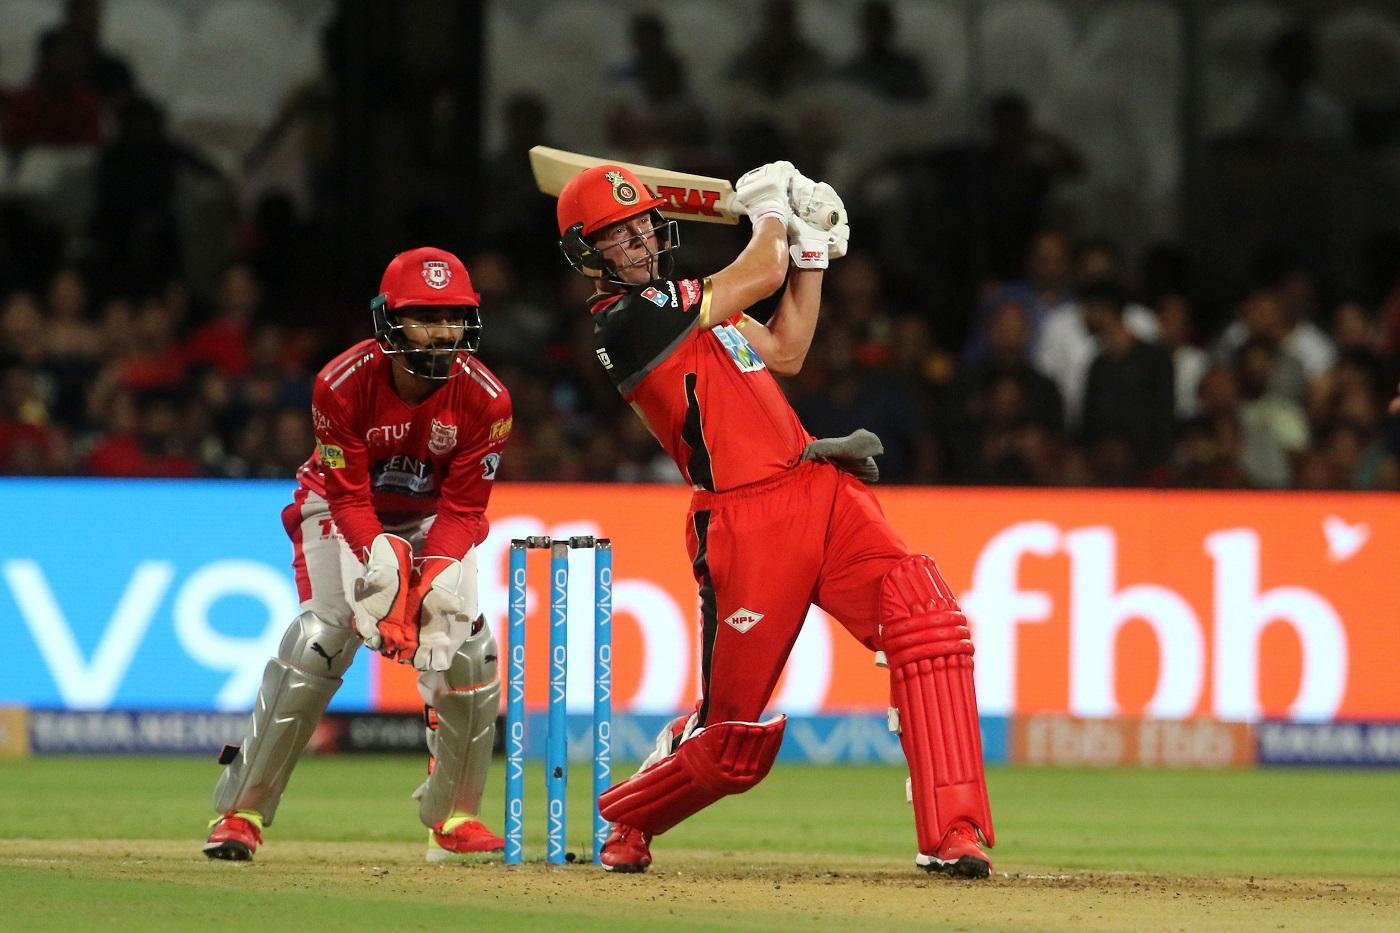 KXIP vs RCB IPL 2018 MATCH No 8